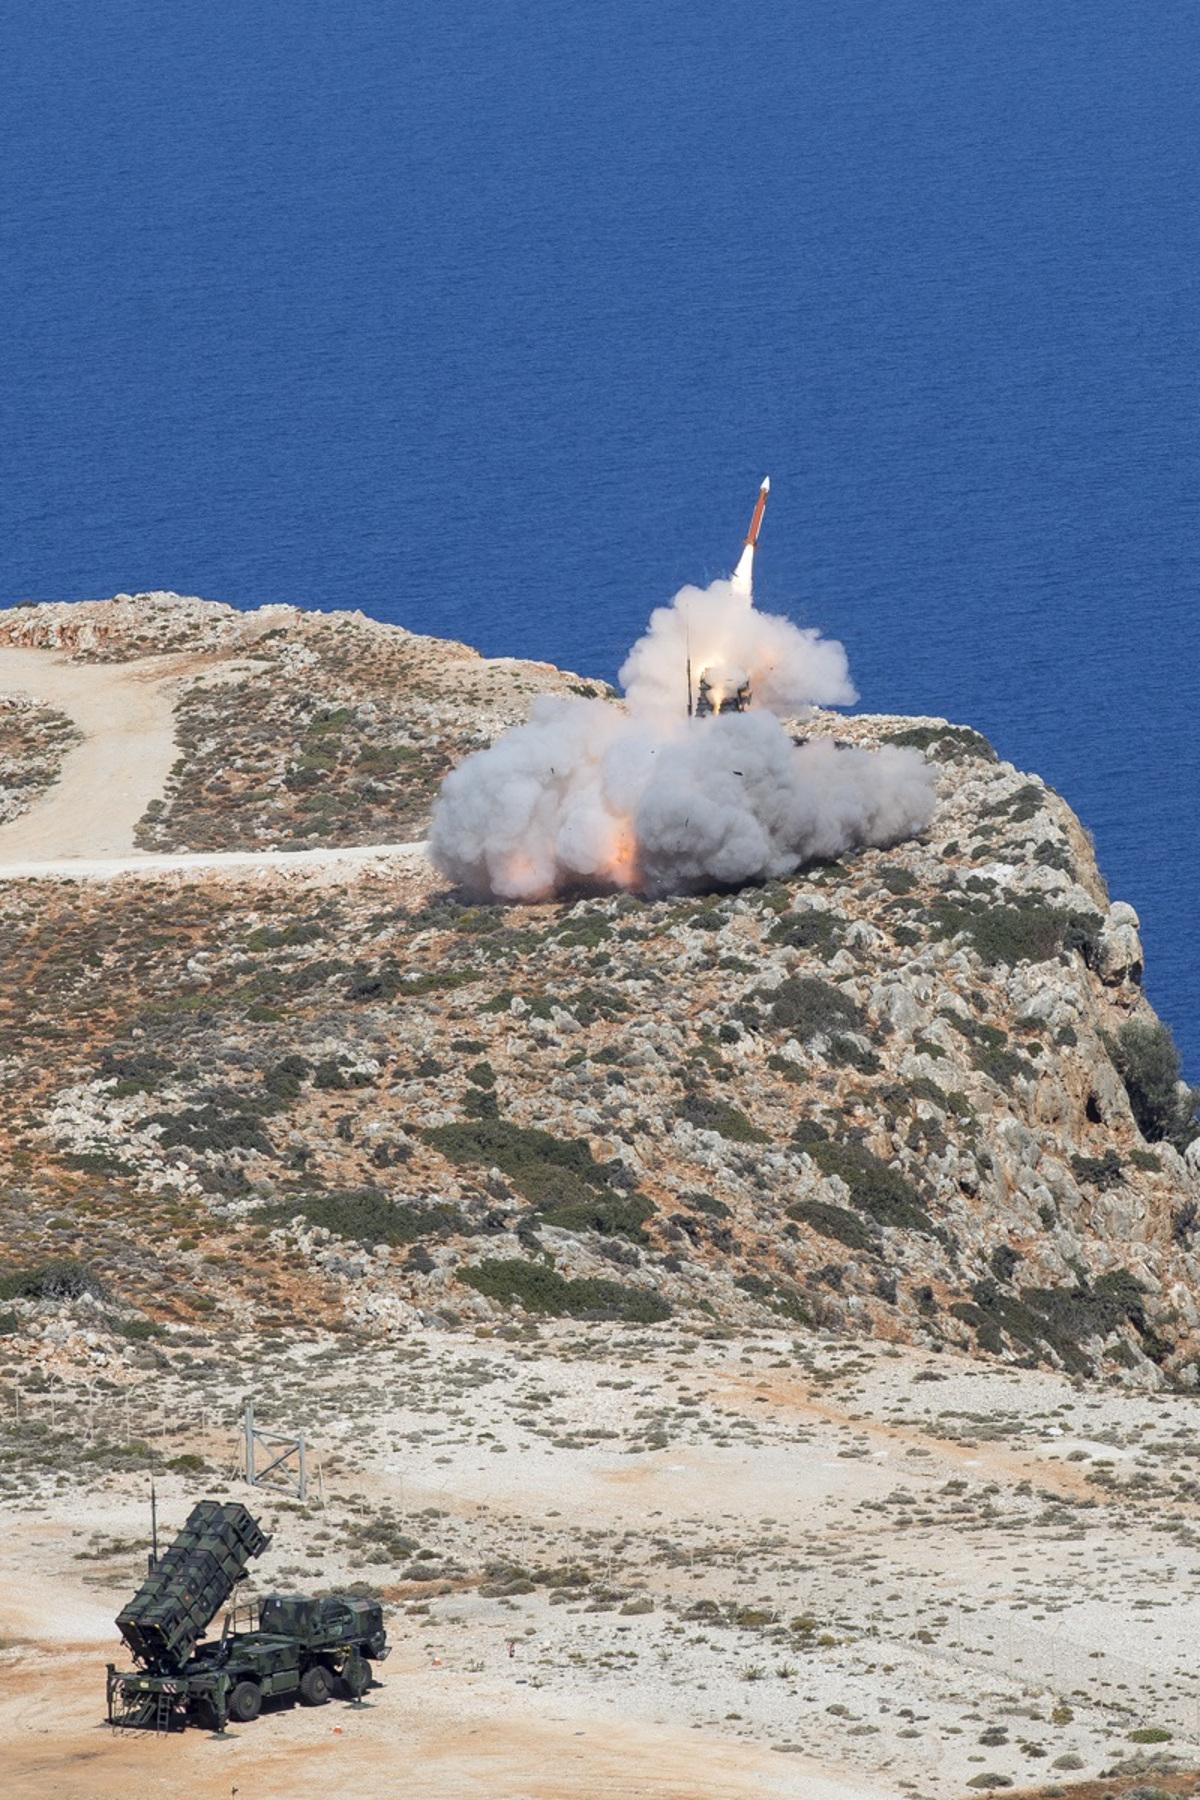 Auch in diesem Jahr wird auf Kreta wieder scharf geschossen. (Quelle: Luftwaffe/Nurguen Schmidt)